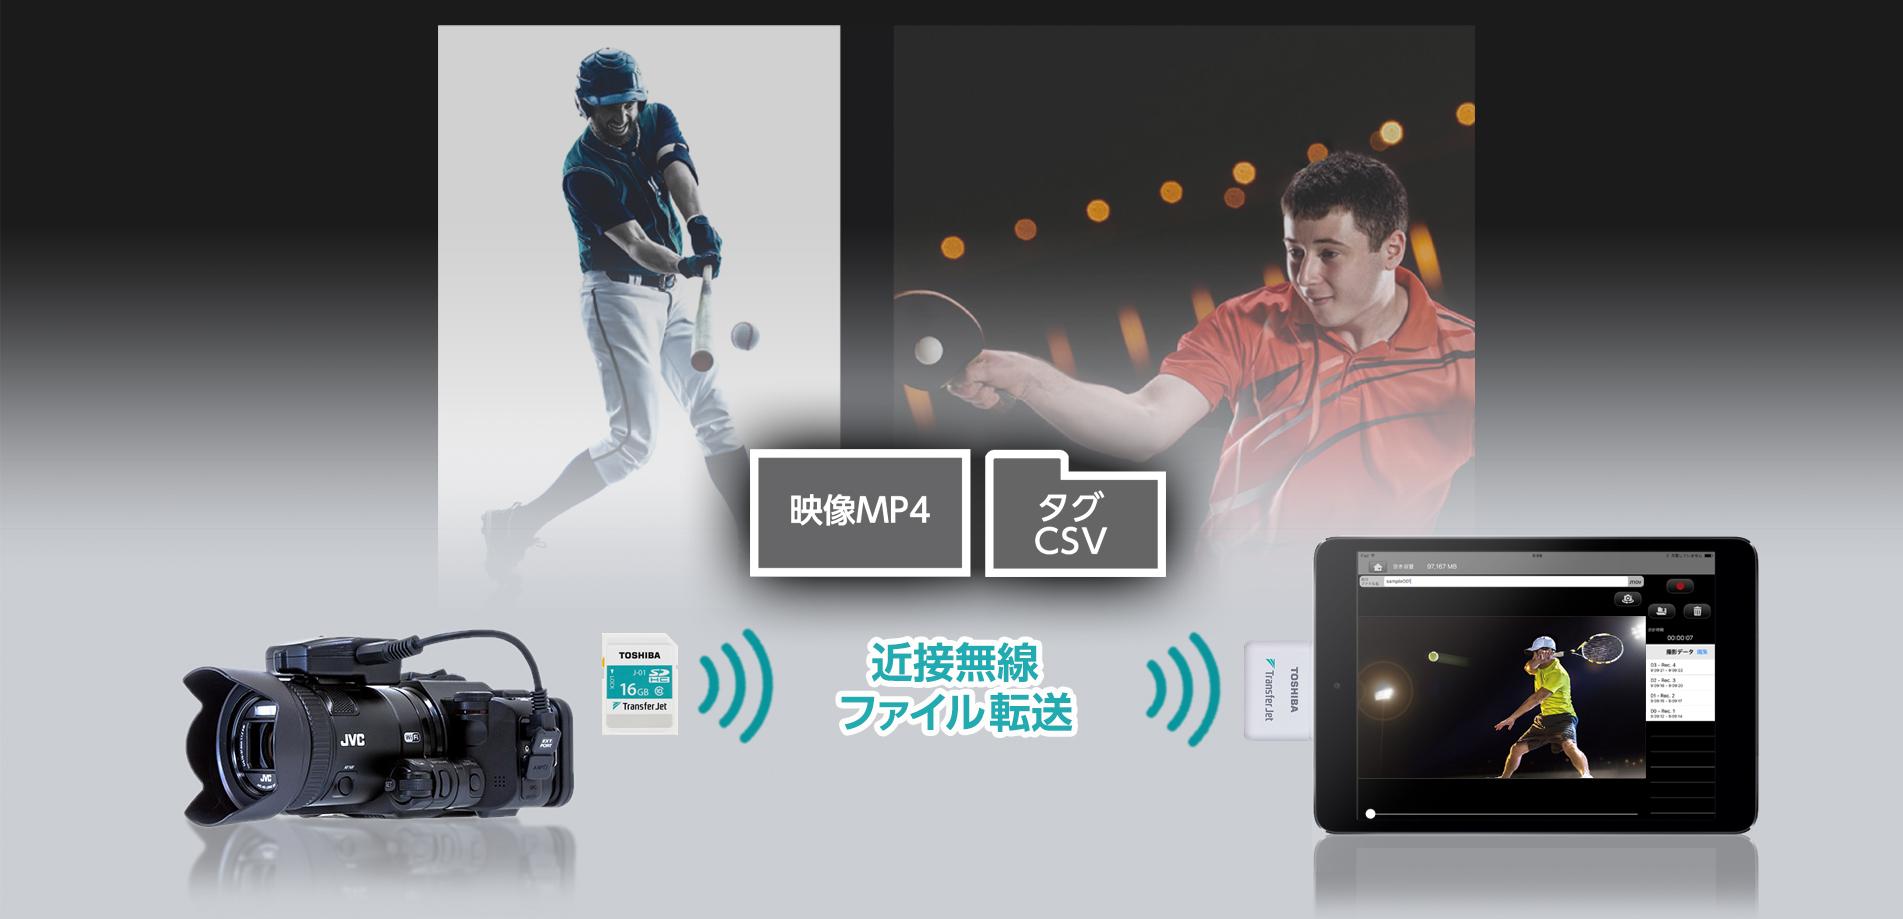 東芝:TransferJet(TM)に対応したスポーツコーチングカメラシステムの概念図(画像:ビジネスワイヤ)